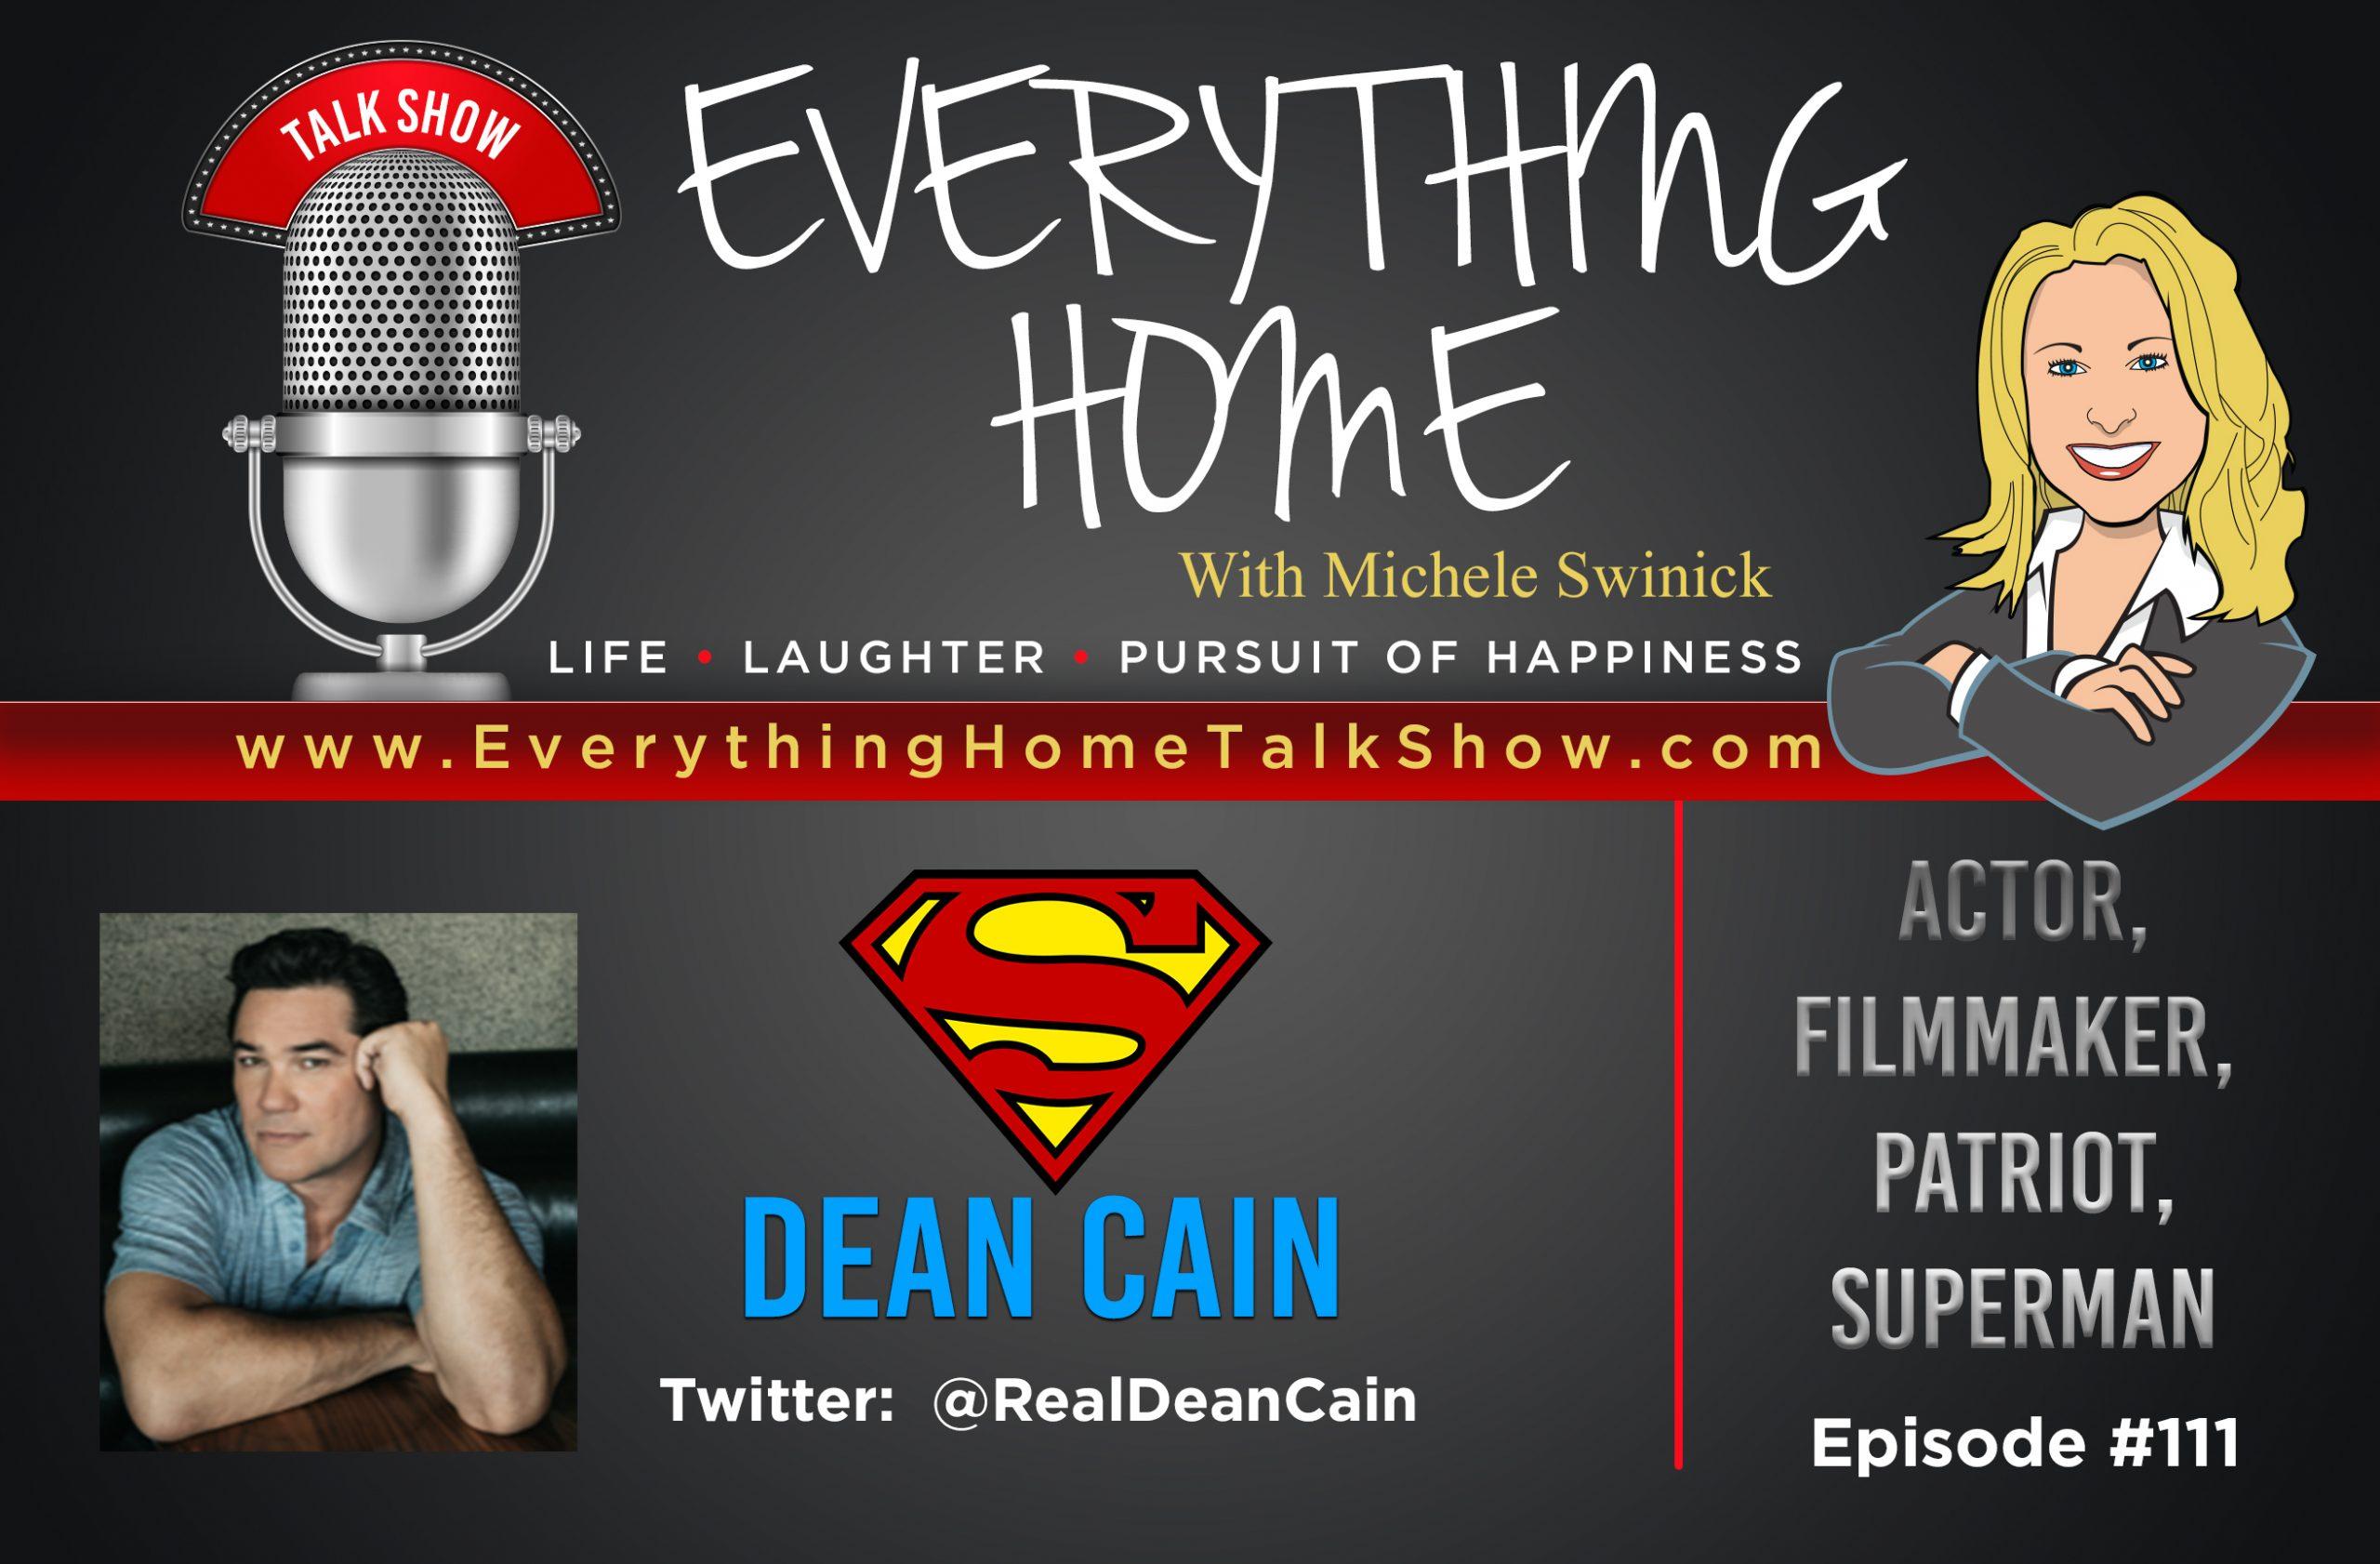 #111 - Superman Dean Cain To The Rescue! An Entertaining Non-Corona Conversation